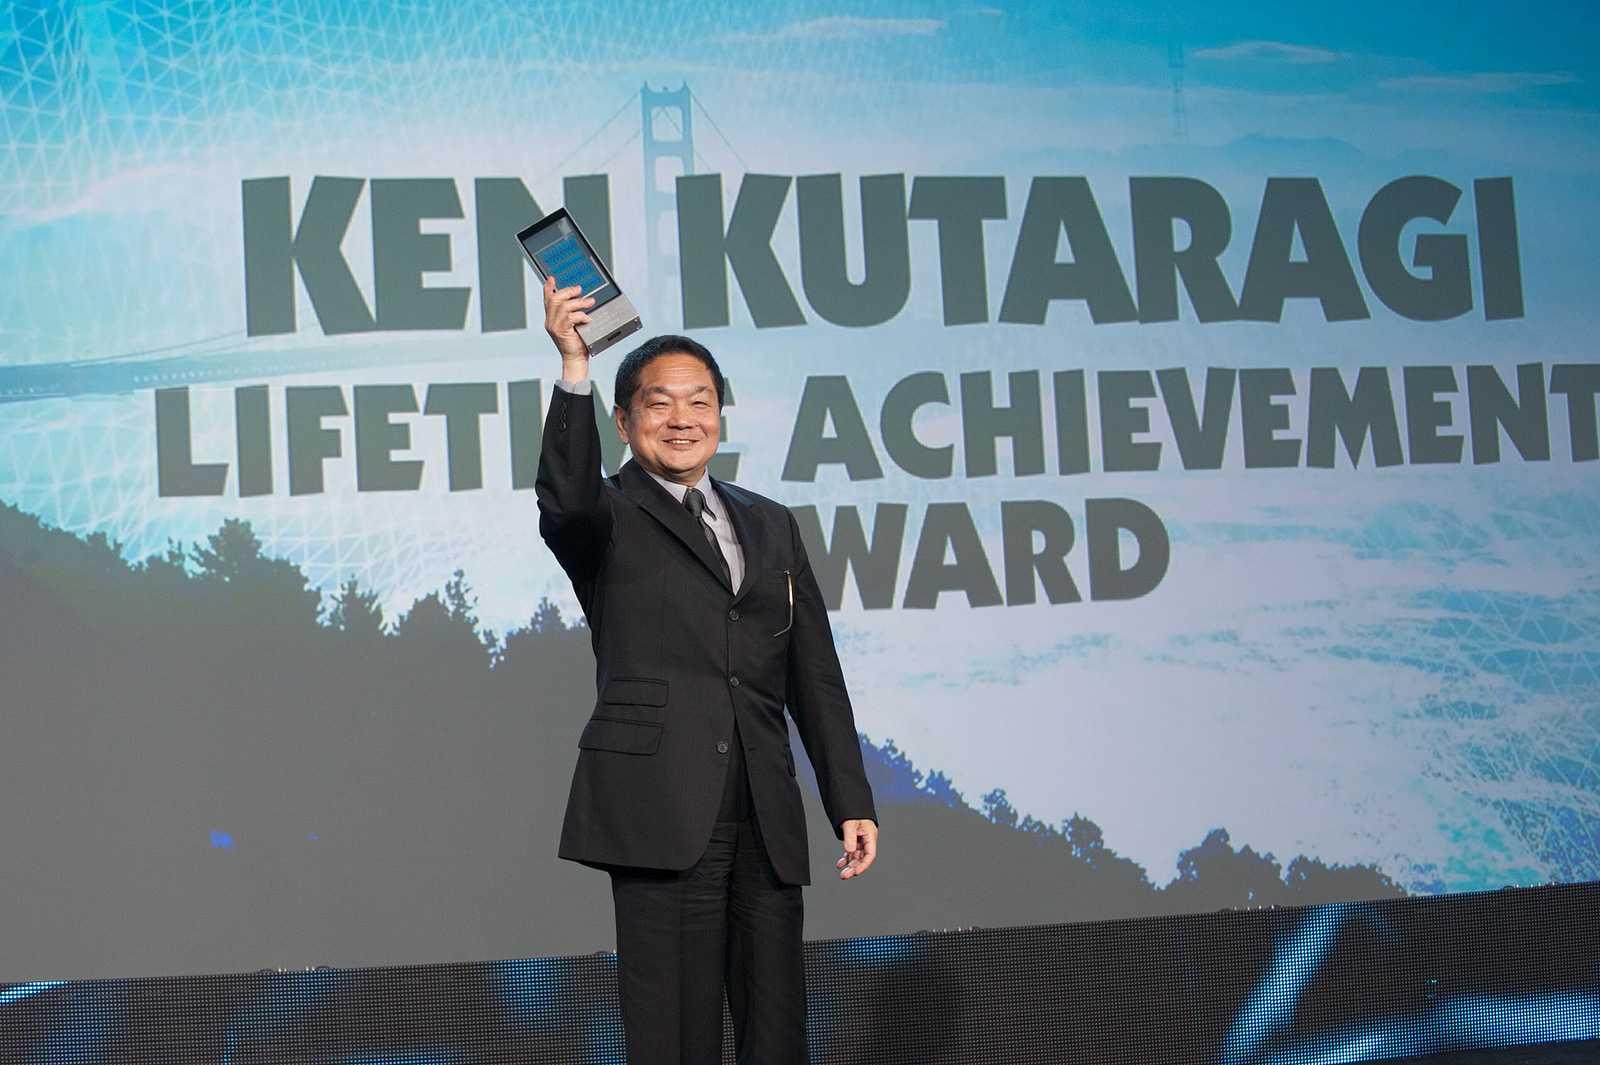 2014 wurde Ken Kutaragi für sein Lebenswerk auf der GDC geehrt. Er setzte Anfang der 90er auf rechenstarke 3D-Chips und CDs als Datenspeicher, um mit der Playstation die Konkurrenz aus dem Stand zu überflügeln.